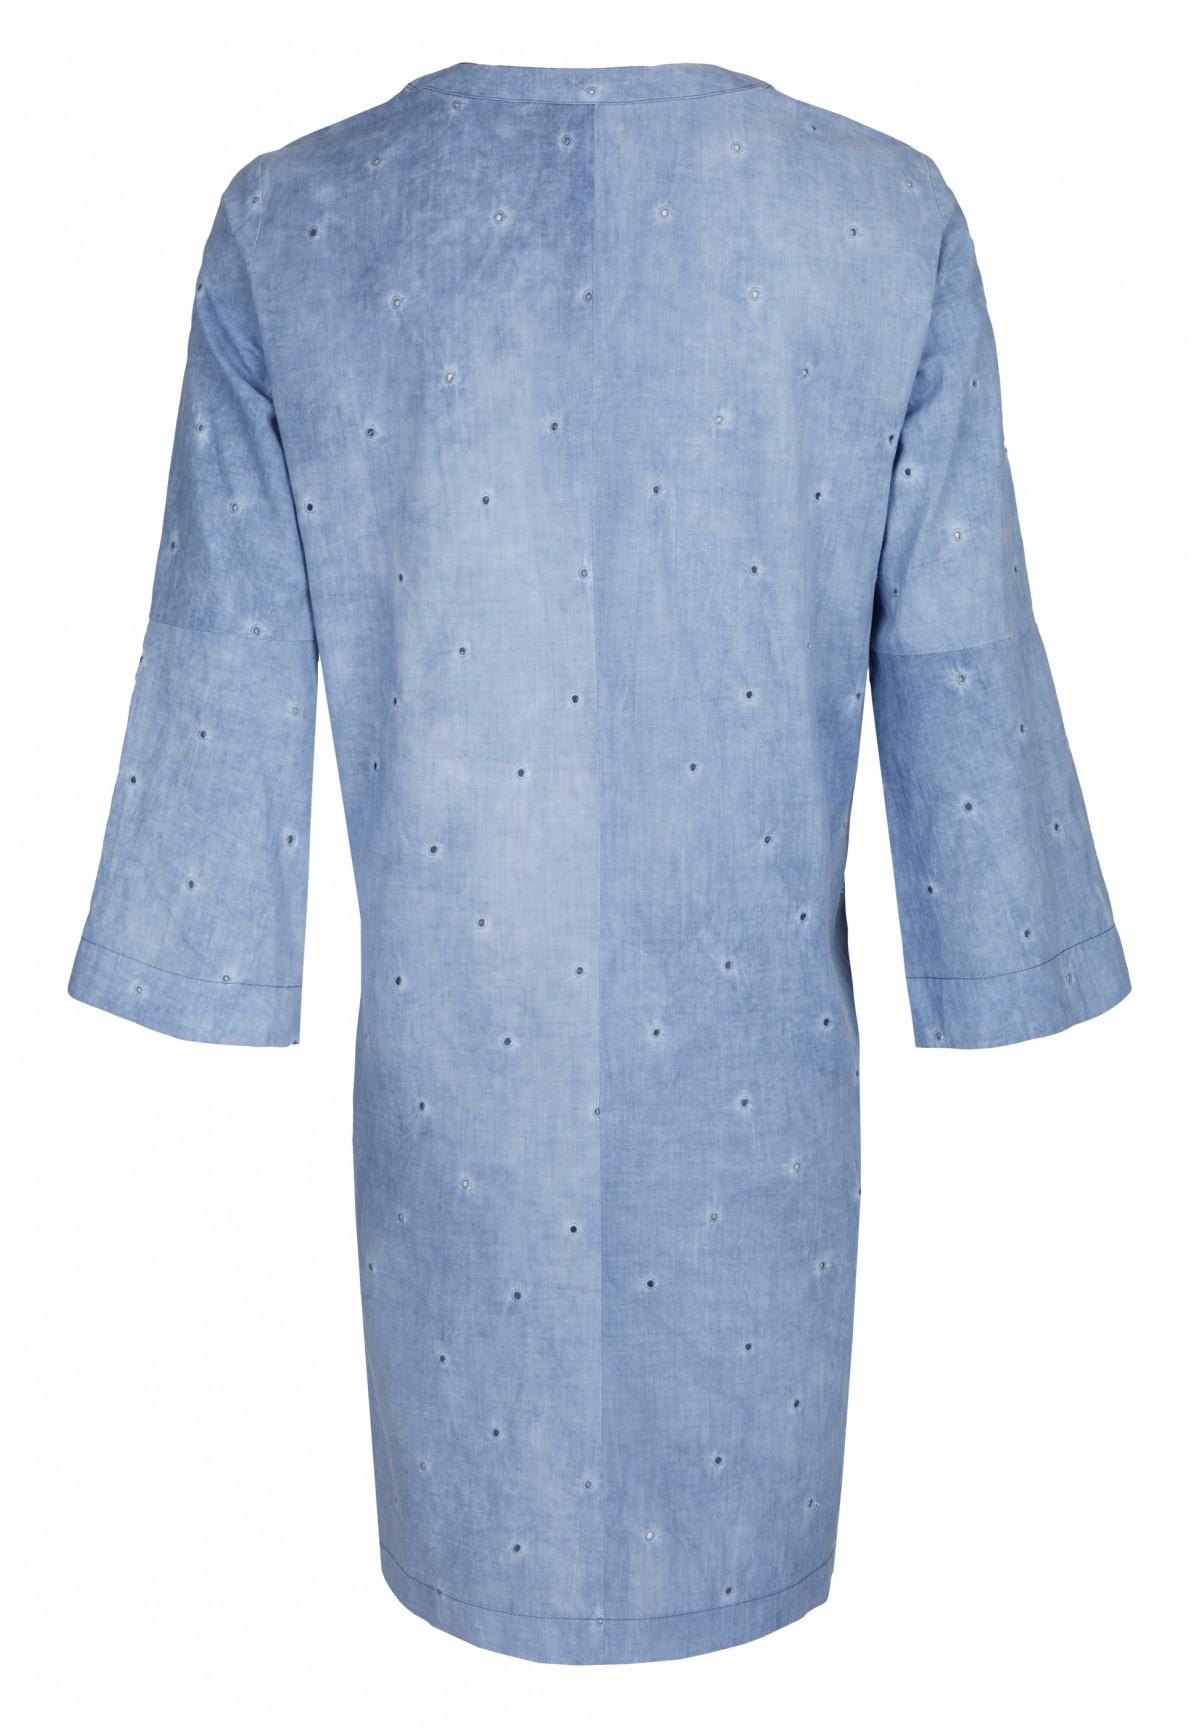 Sommerlich leichtes Kleid mit Trompetenärmeln / Dress